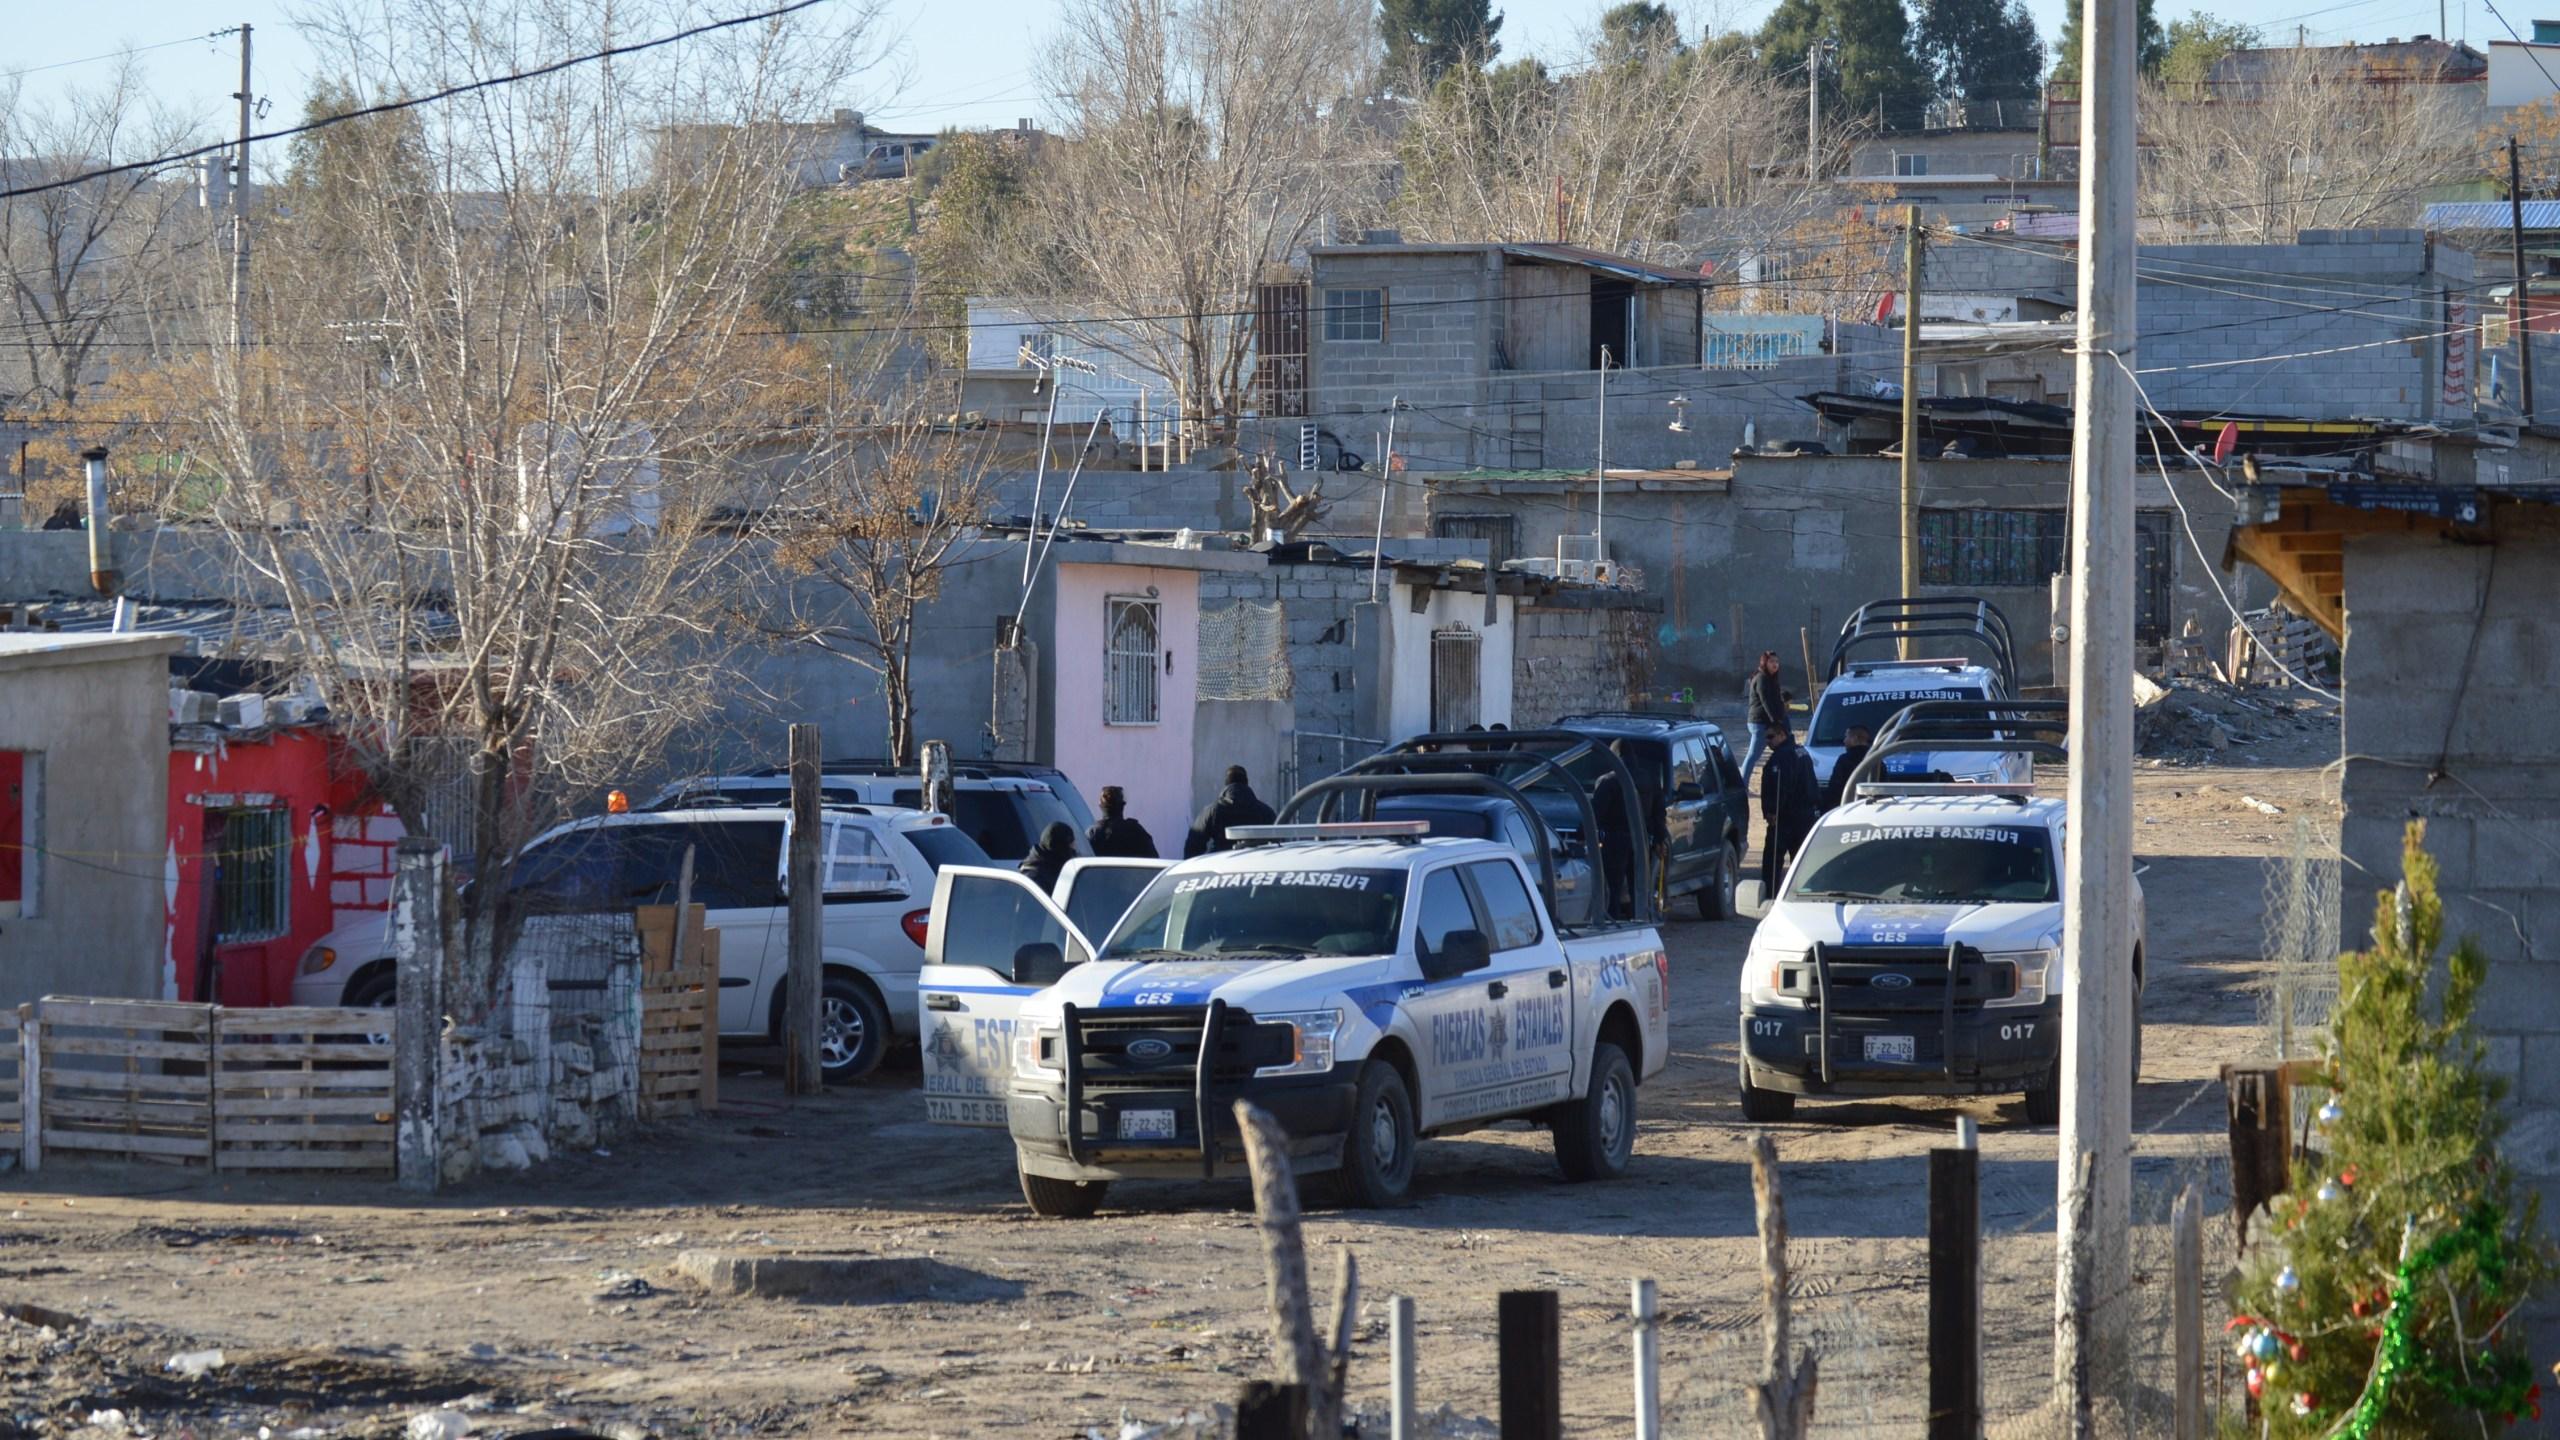 Border Patrol and Chihuahuas Police_1548250992417.JPG.jpg